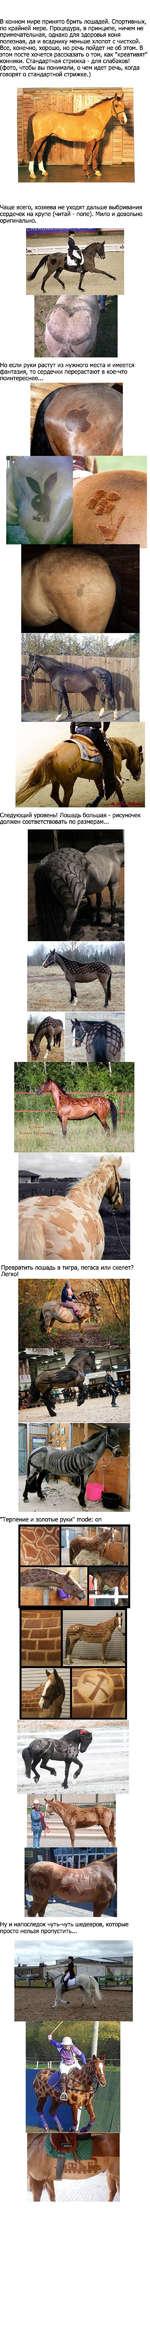 """В конном мире принято брить лошадей. Спортивных, по крайней мере. Процедура, в принципе, ничем не примечательная, однако для здоровья коня полезная, да и всаднику меньше хлопот с чисткой. Все, конечно, хорошо, но речь пойдет не об этом. В этом посте хочется рассказать о том, как """"креативят"""" конники"""